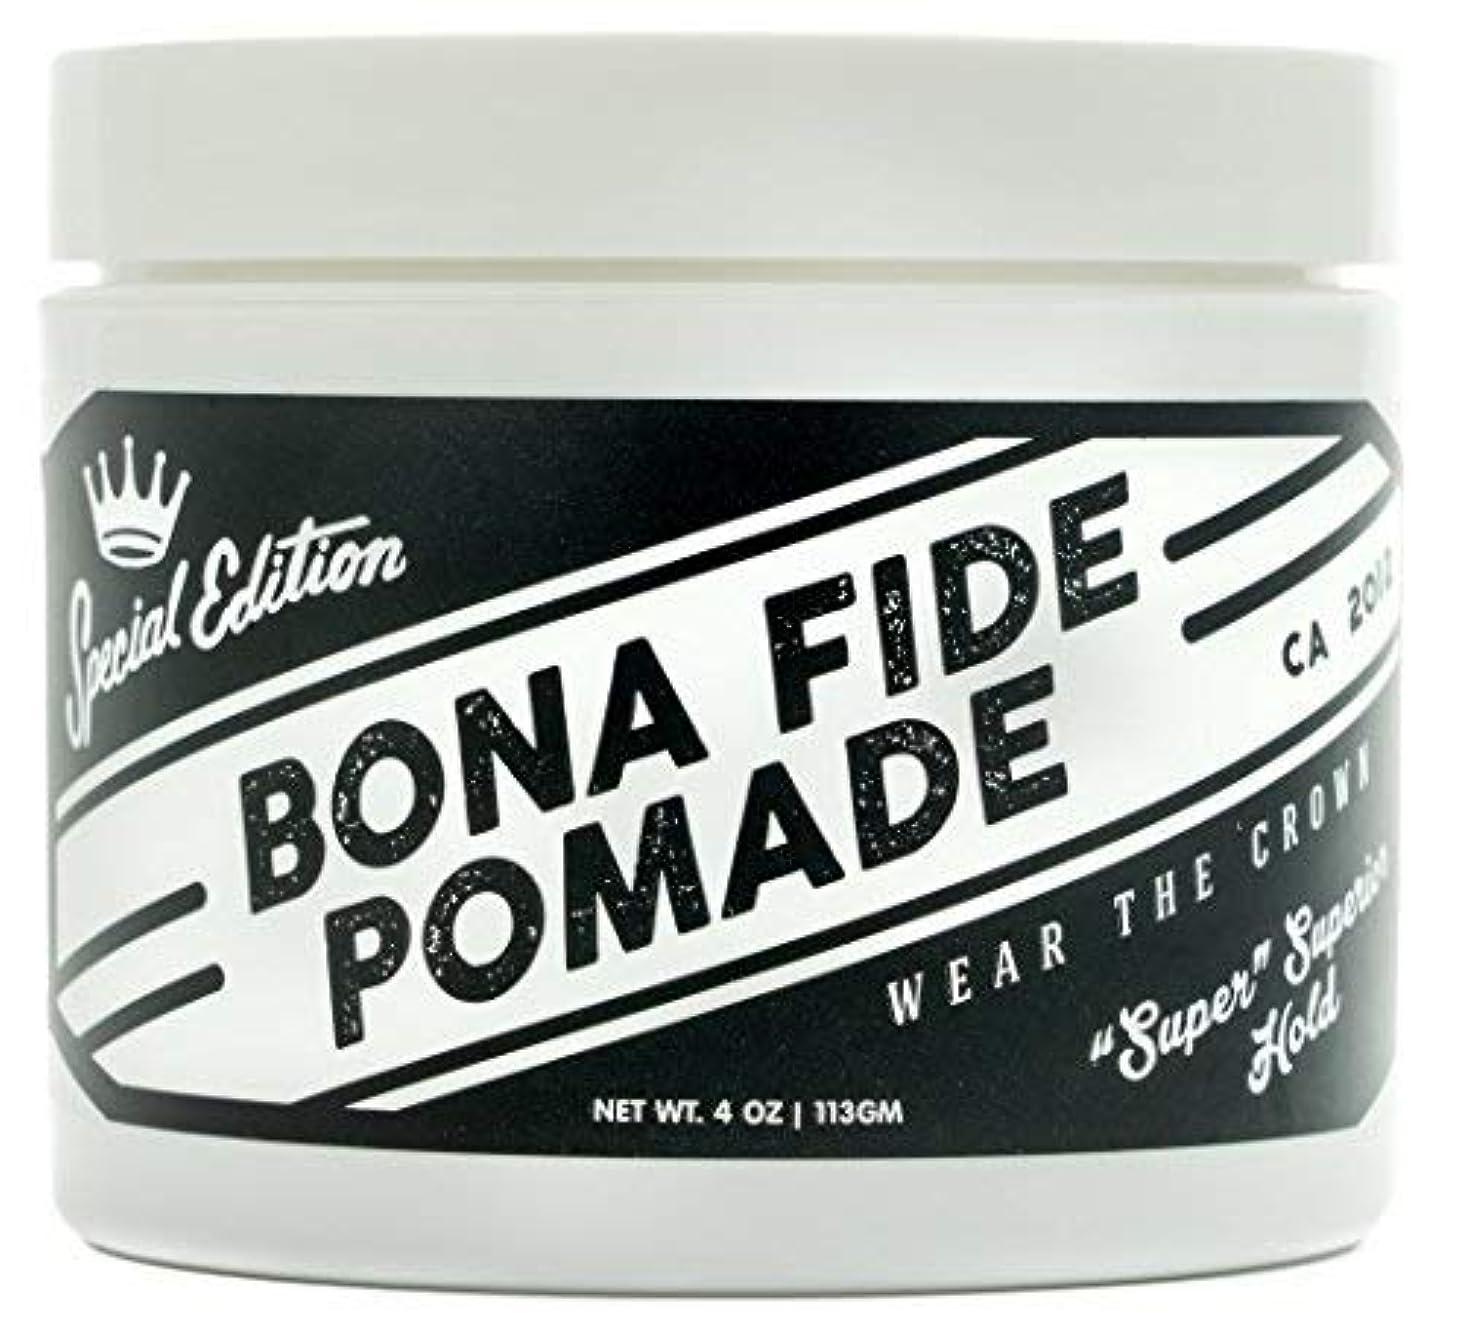 おもてなし自己ハプニングBona Fide Pomade, スーパースーペリアホールドSE, 4OZ (113g)、水性ポマード/ヘアー グリース (整髪料)